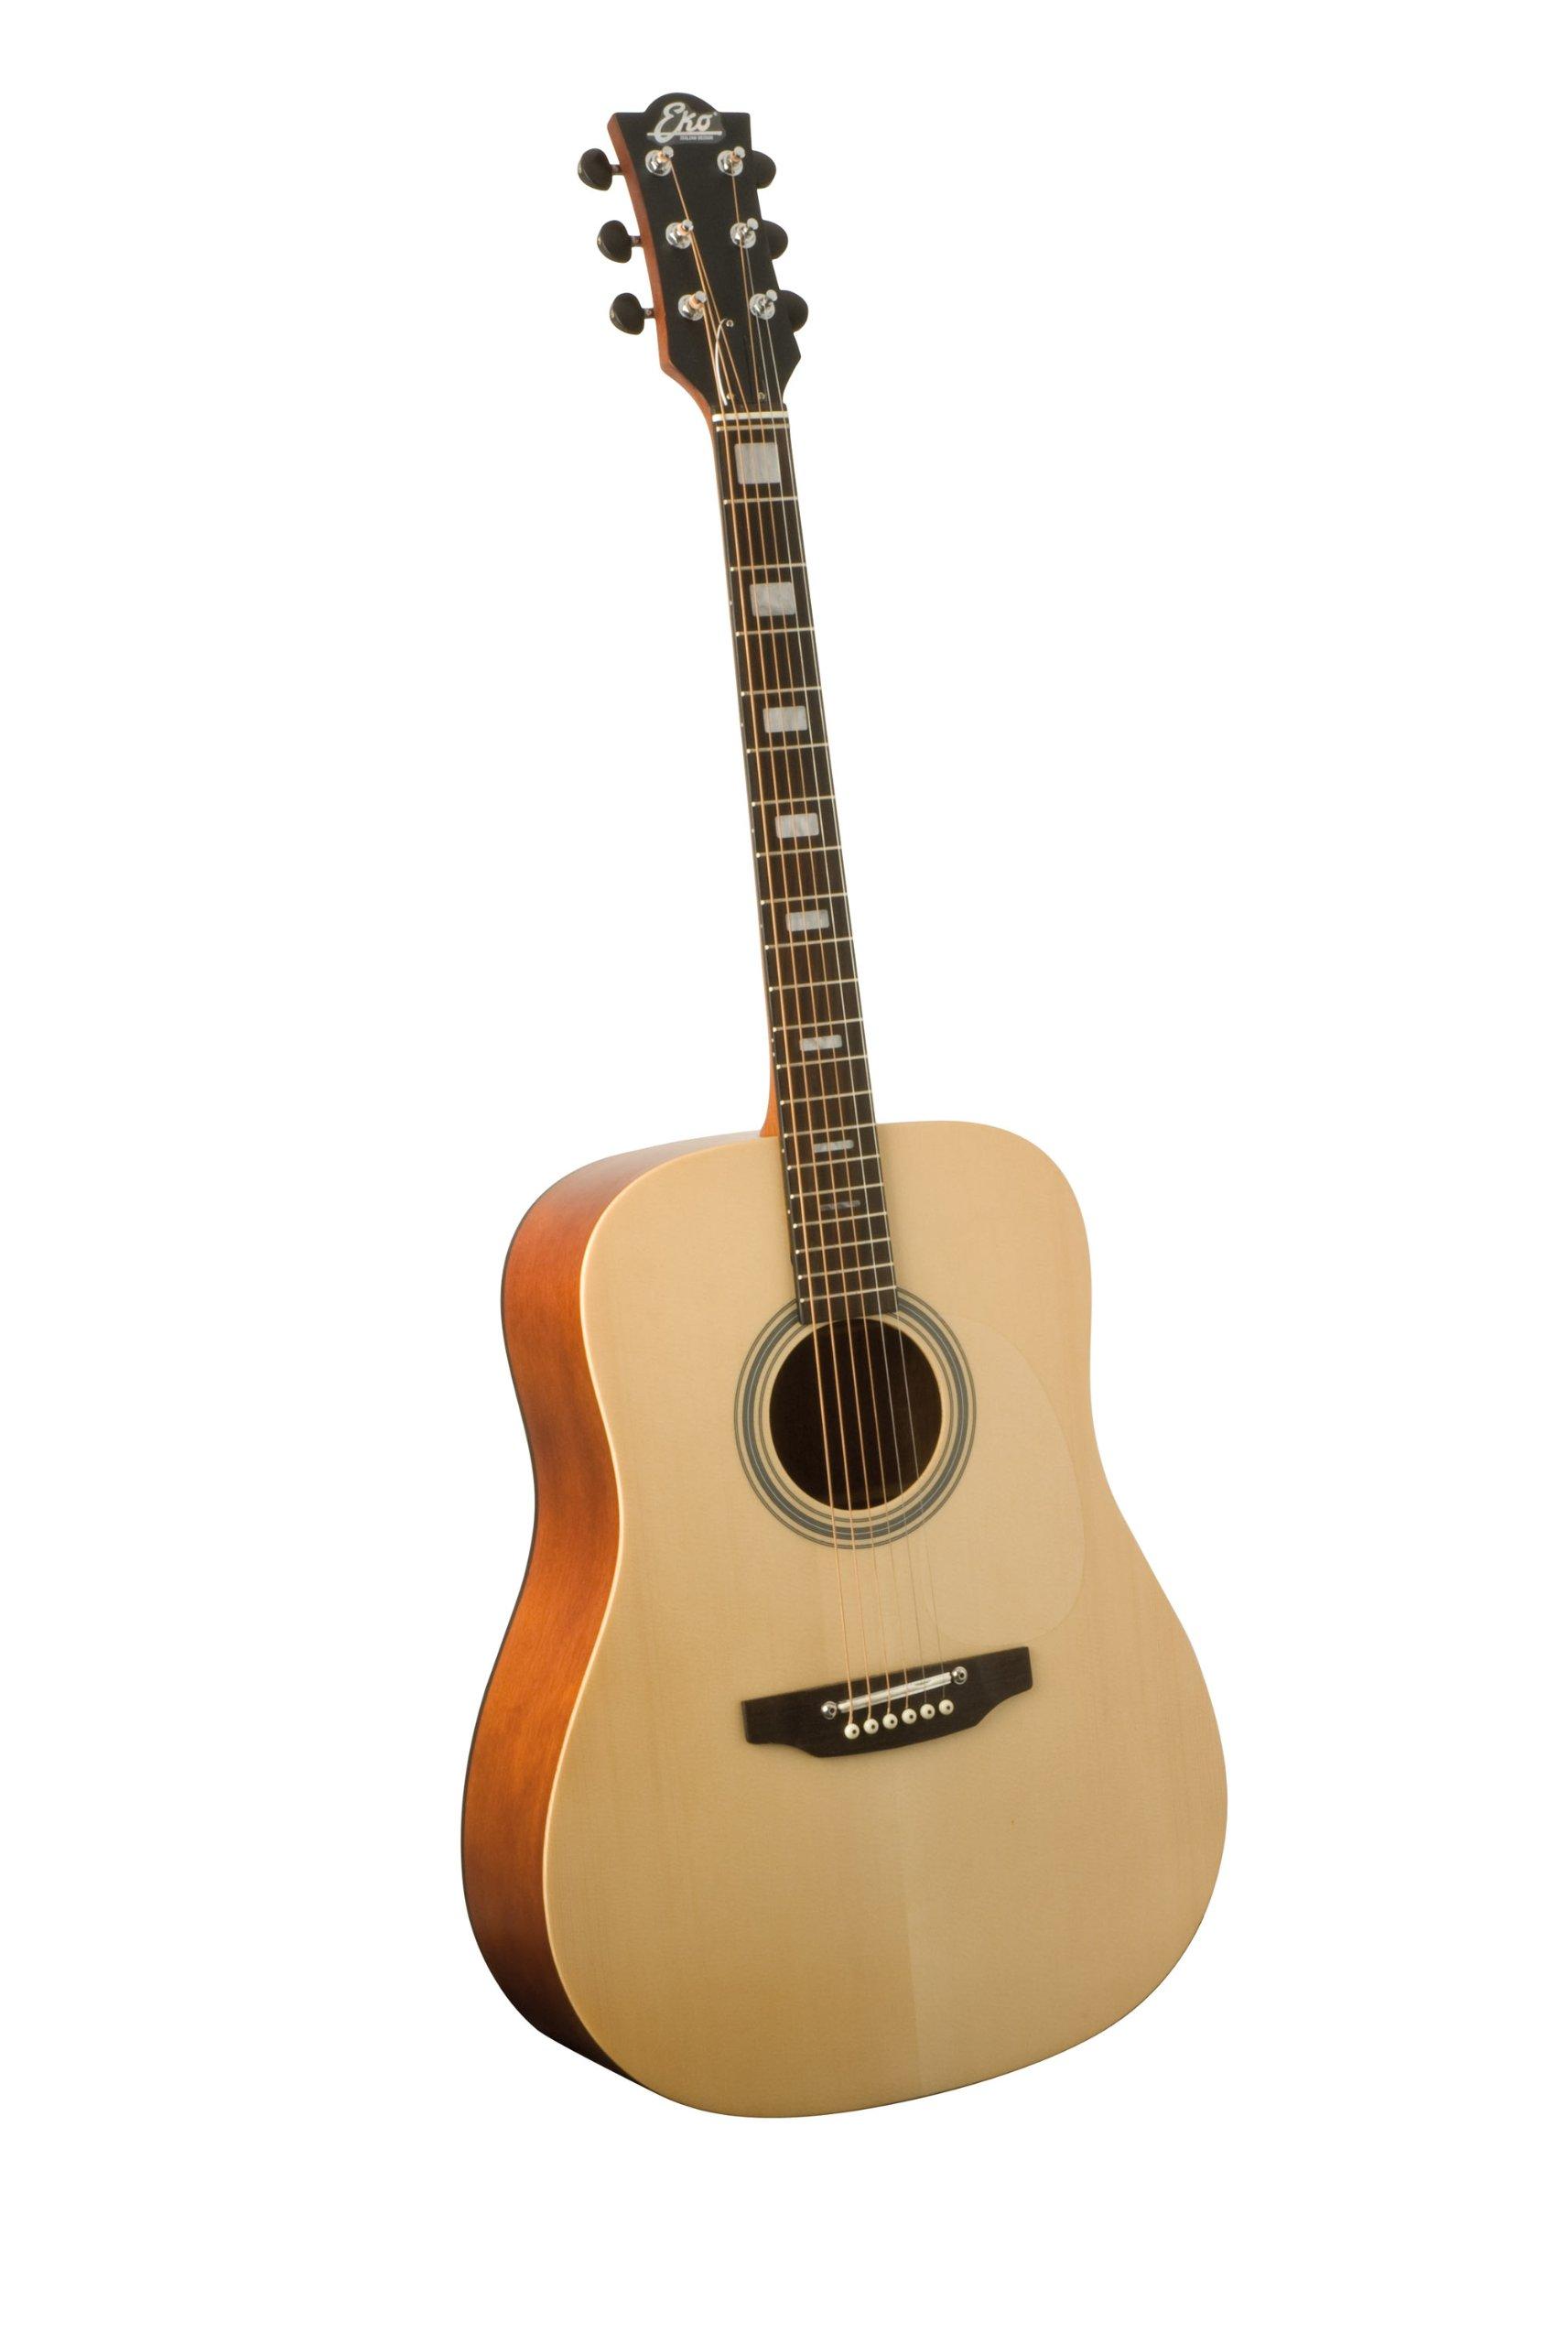 Eko Conero dreadnought B-Stock guitarra acustica: Amazon.es: Instrumentos musicales